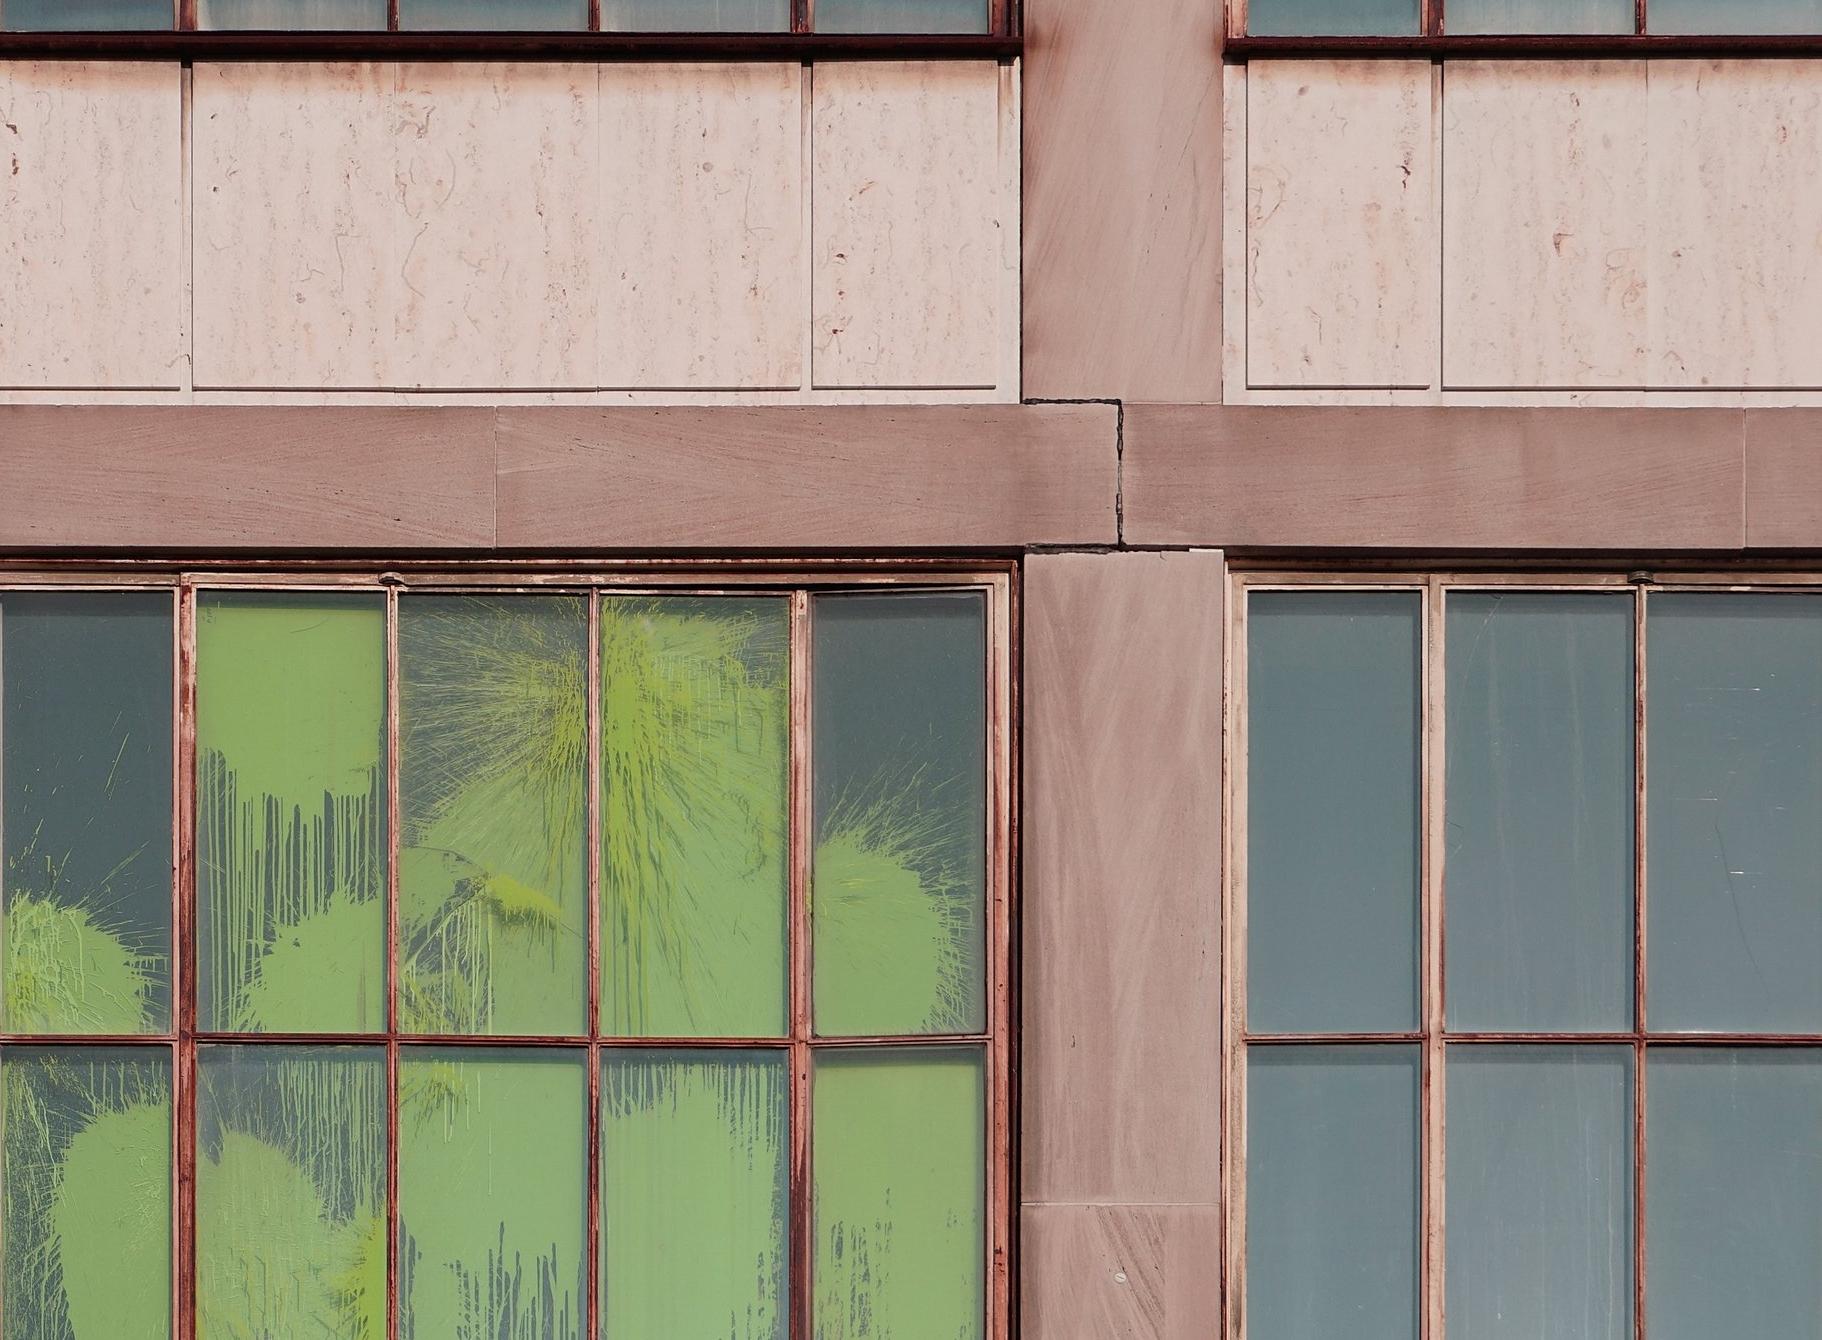 window-2589625.jpg